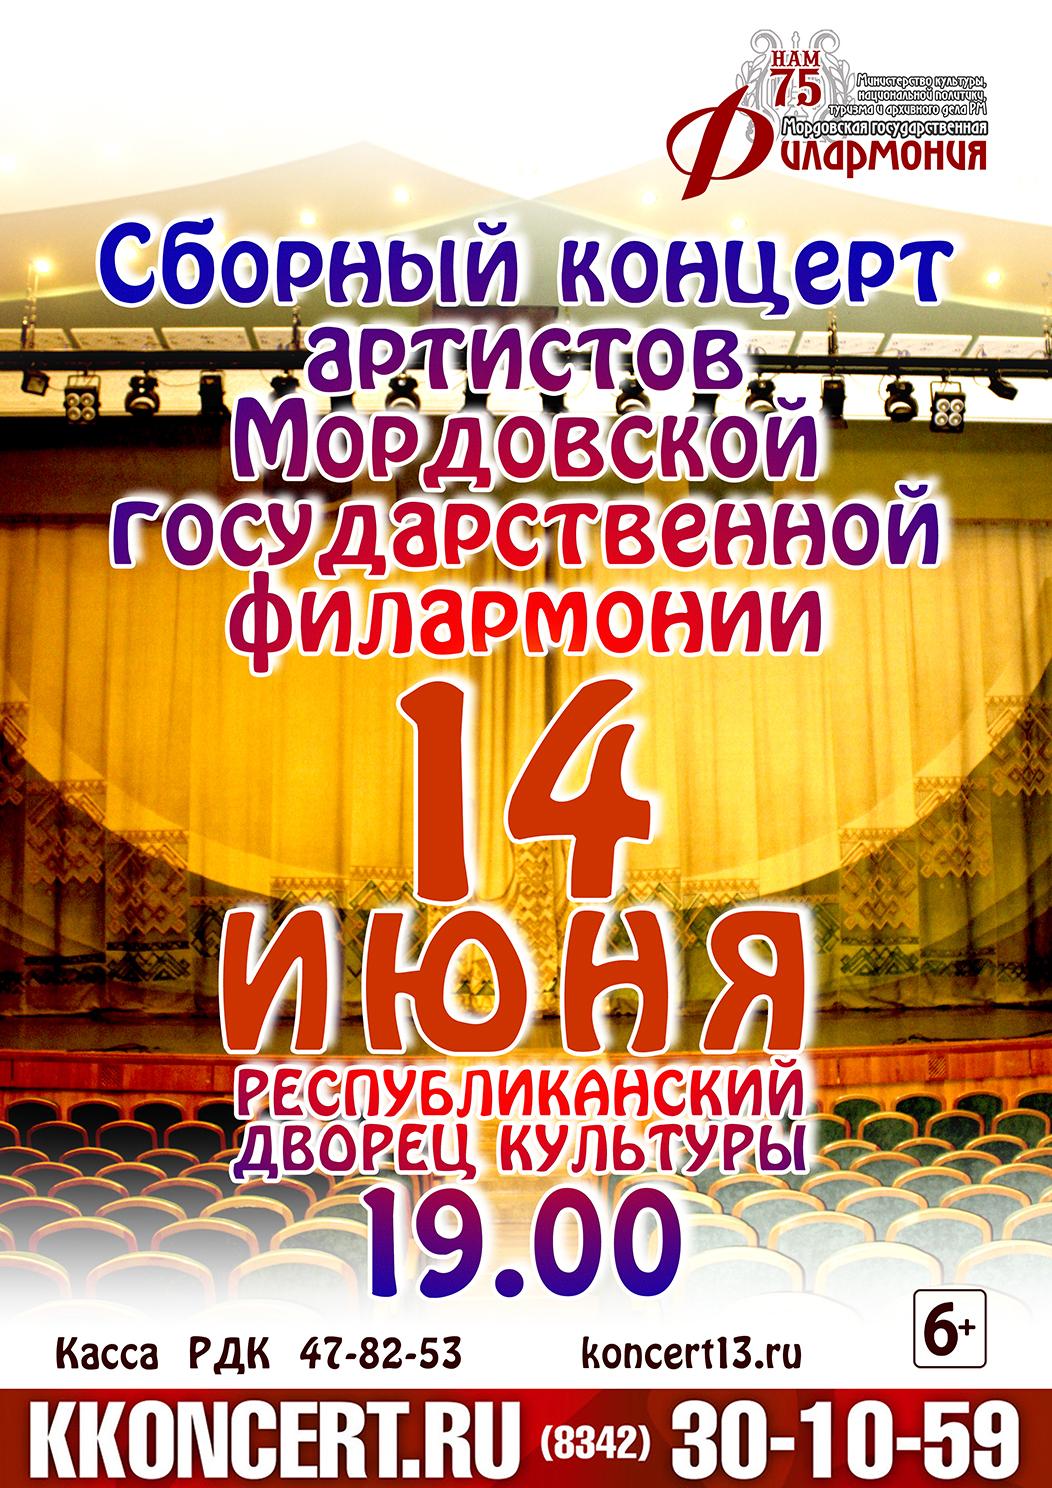 Сборный концерт артистов Мордовской государственной филармонии (6+)